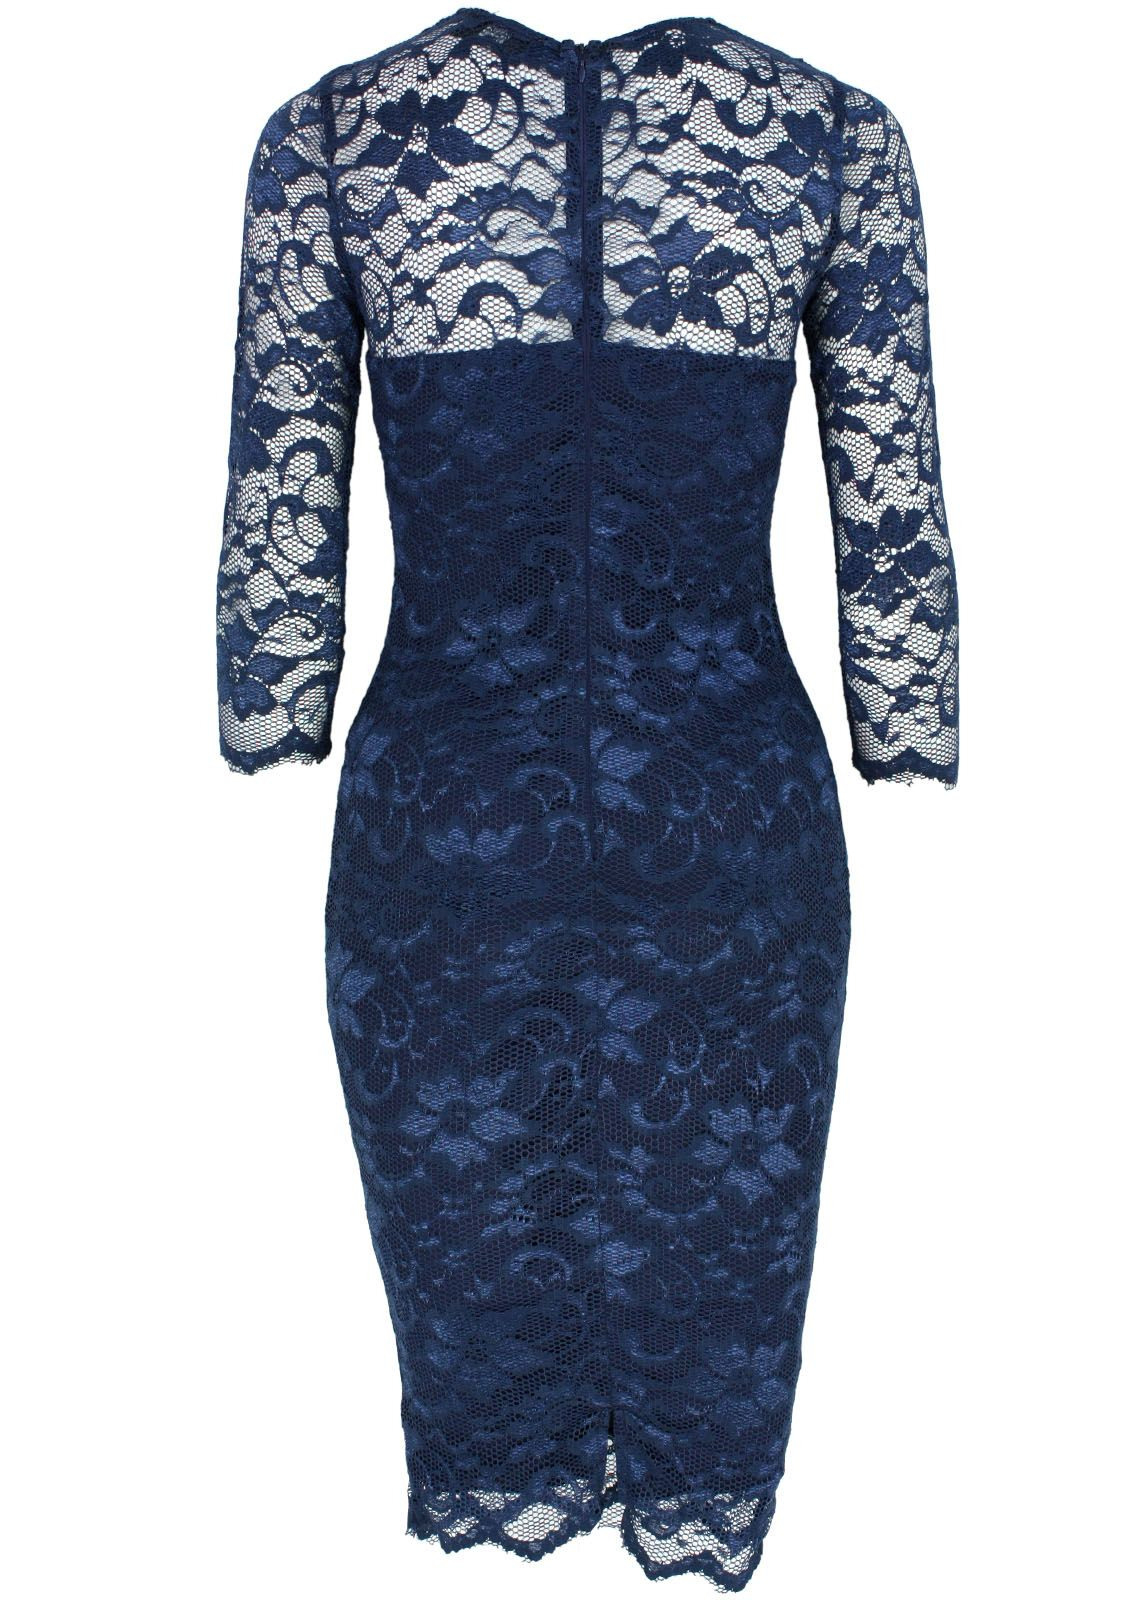 Designer Coolste Spitzenkleid Blau Galerie20 Luxurius Spitzenkleid Blau Stylish